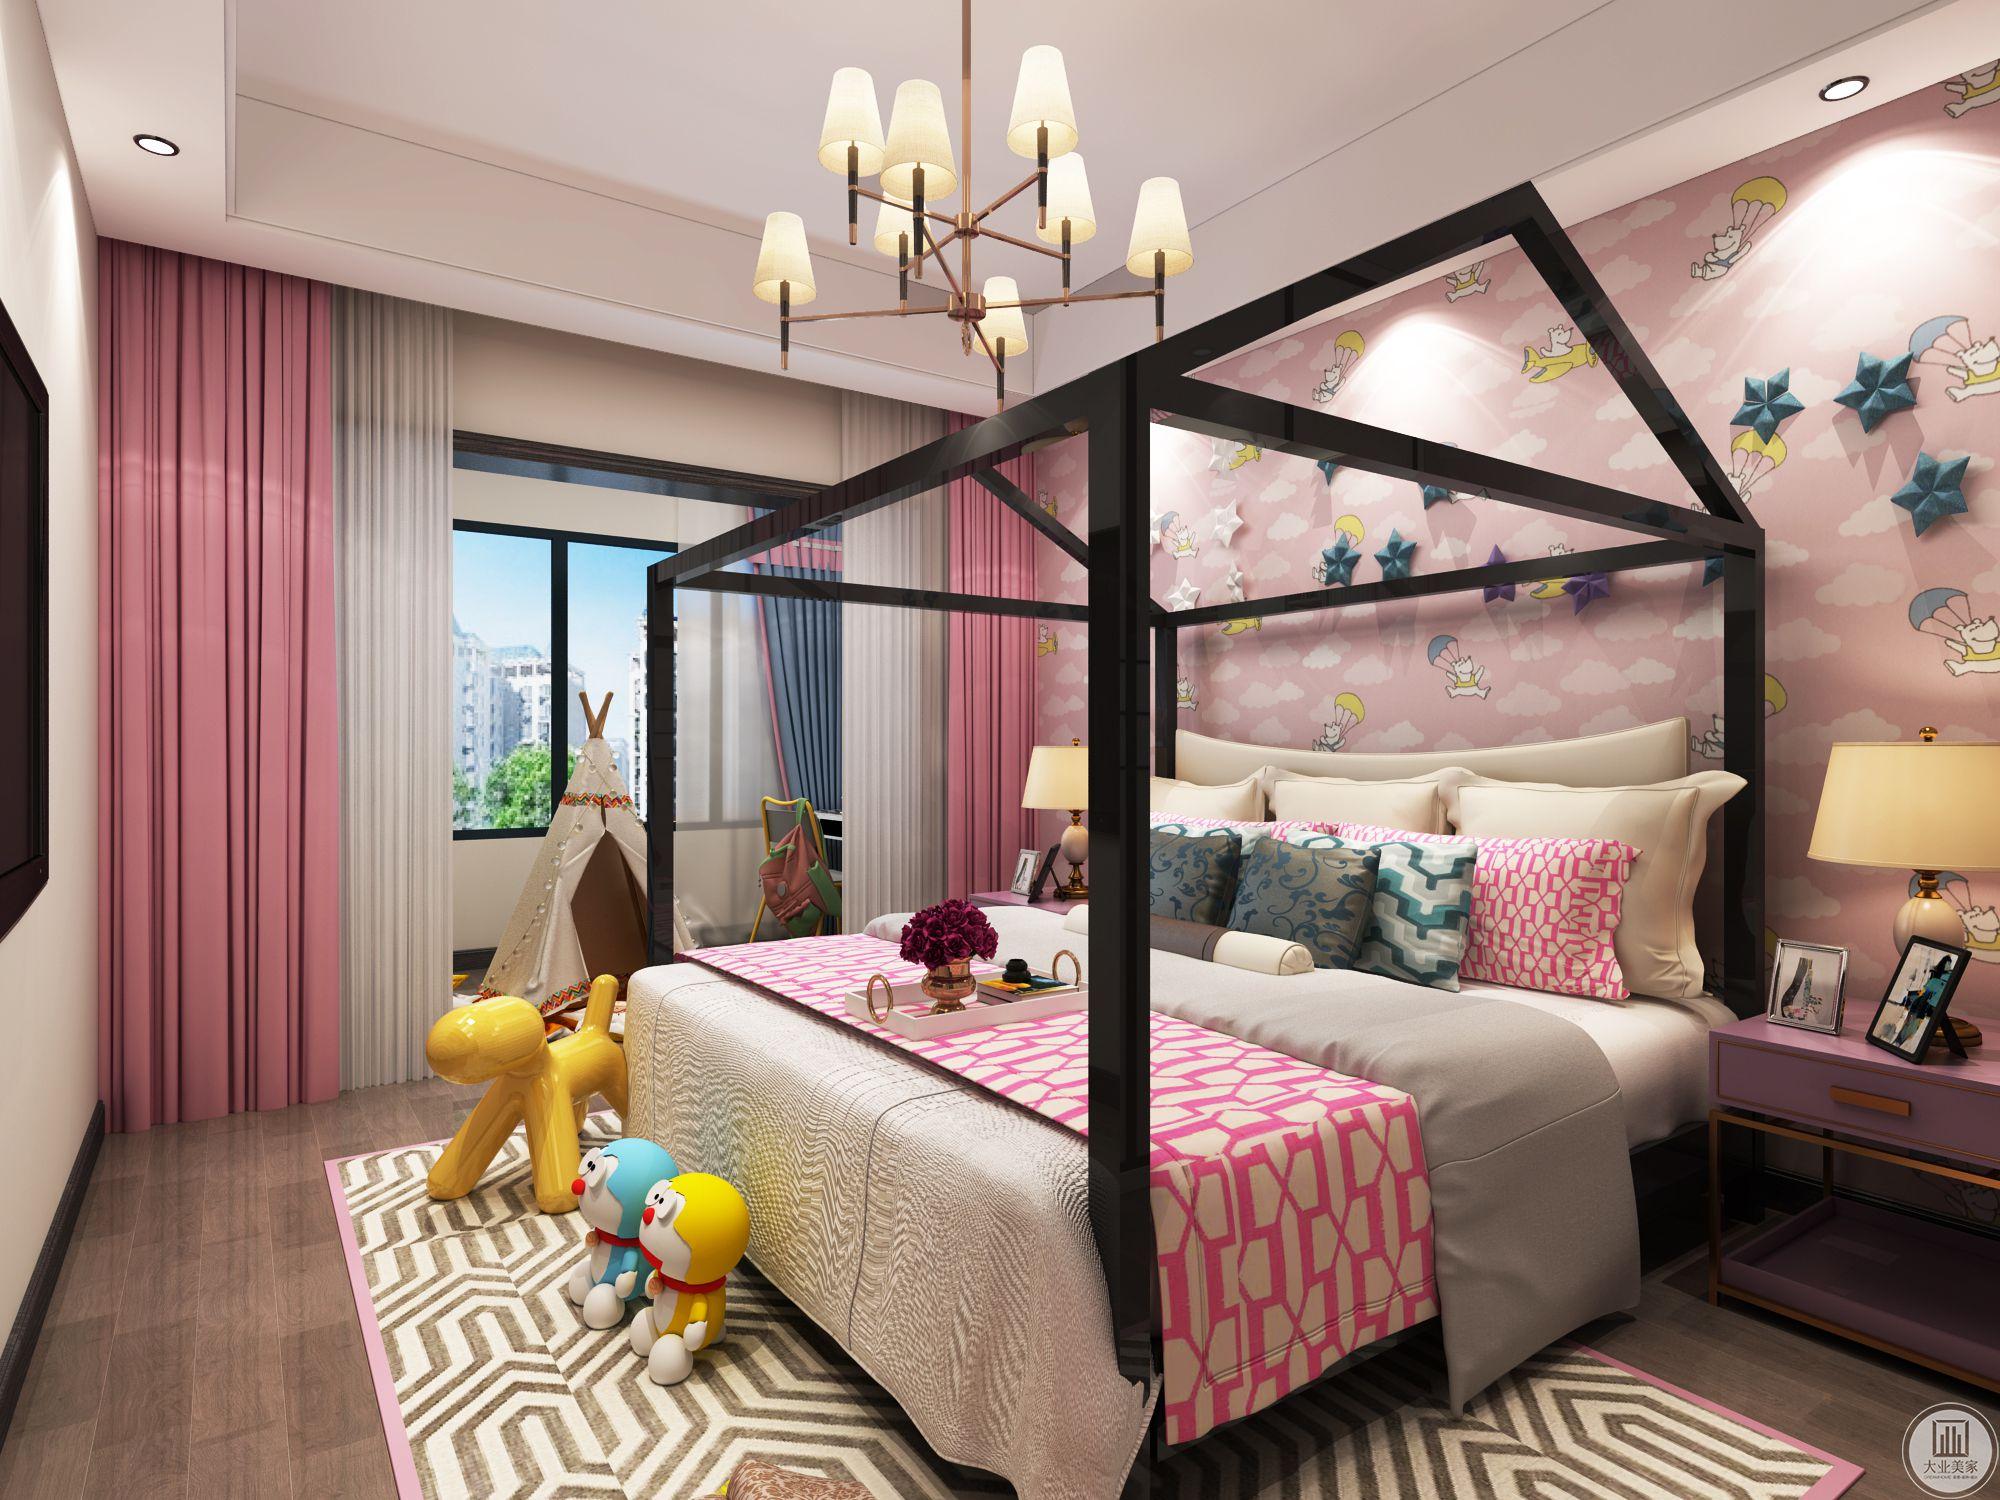 南面次卧连接阳台为小孩房间具备小孩学习玩耍空间。每个空间得到了延伸合理的利用。